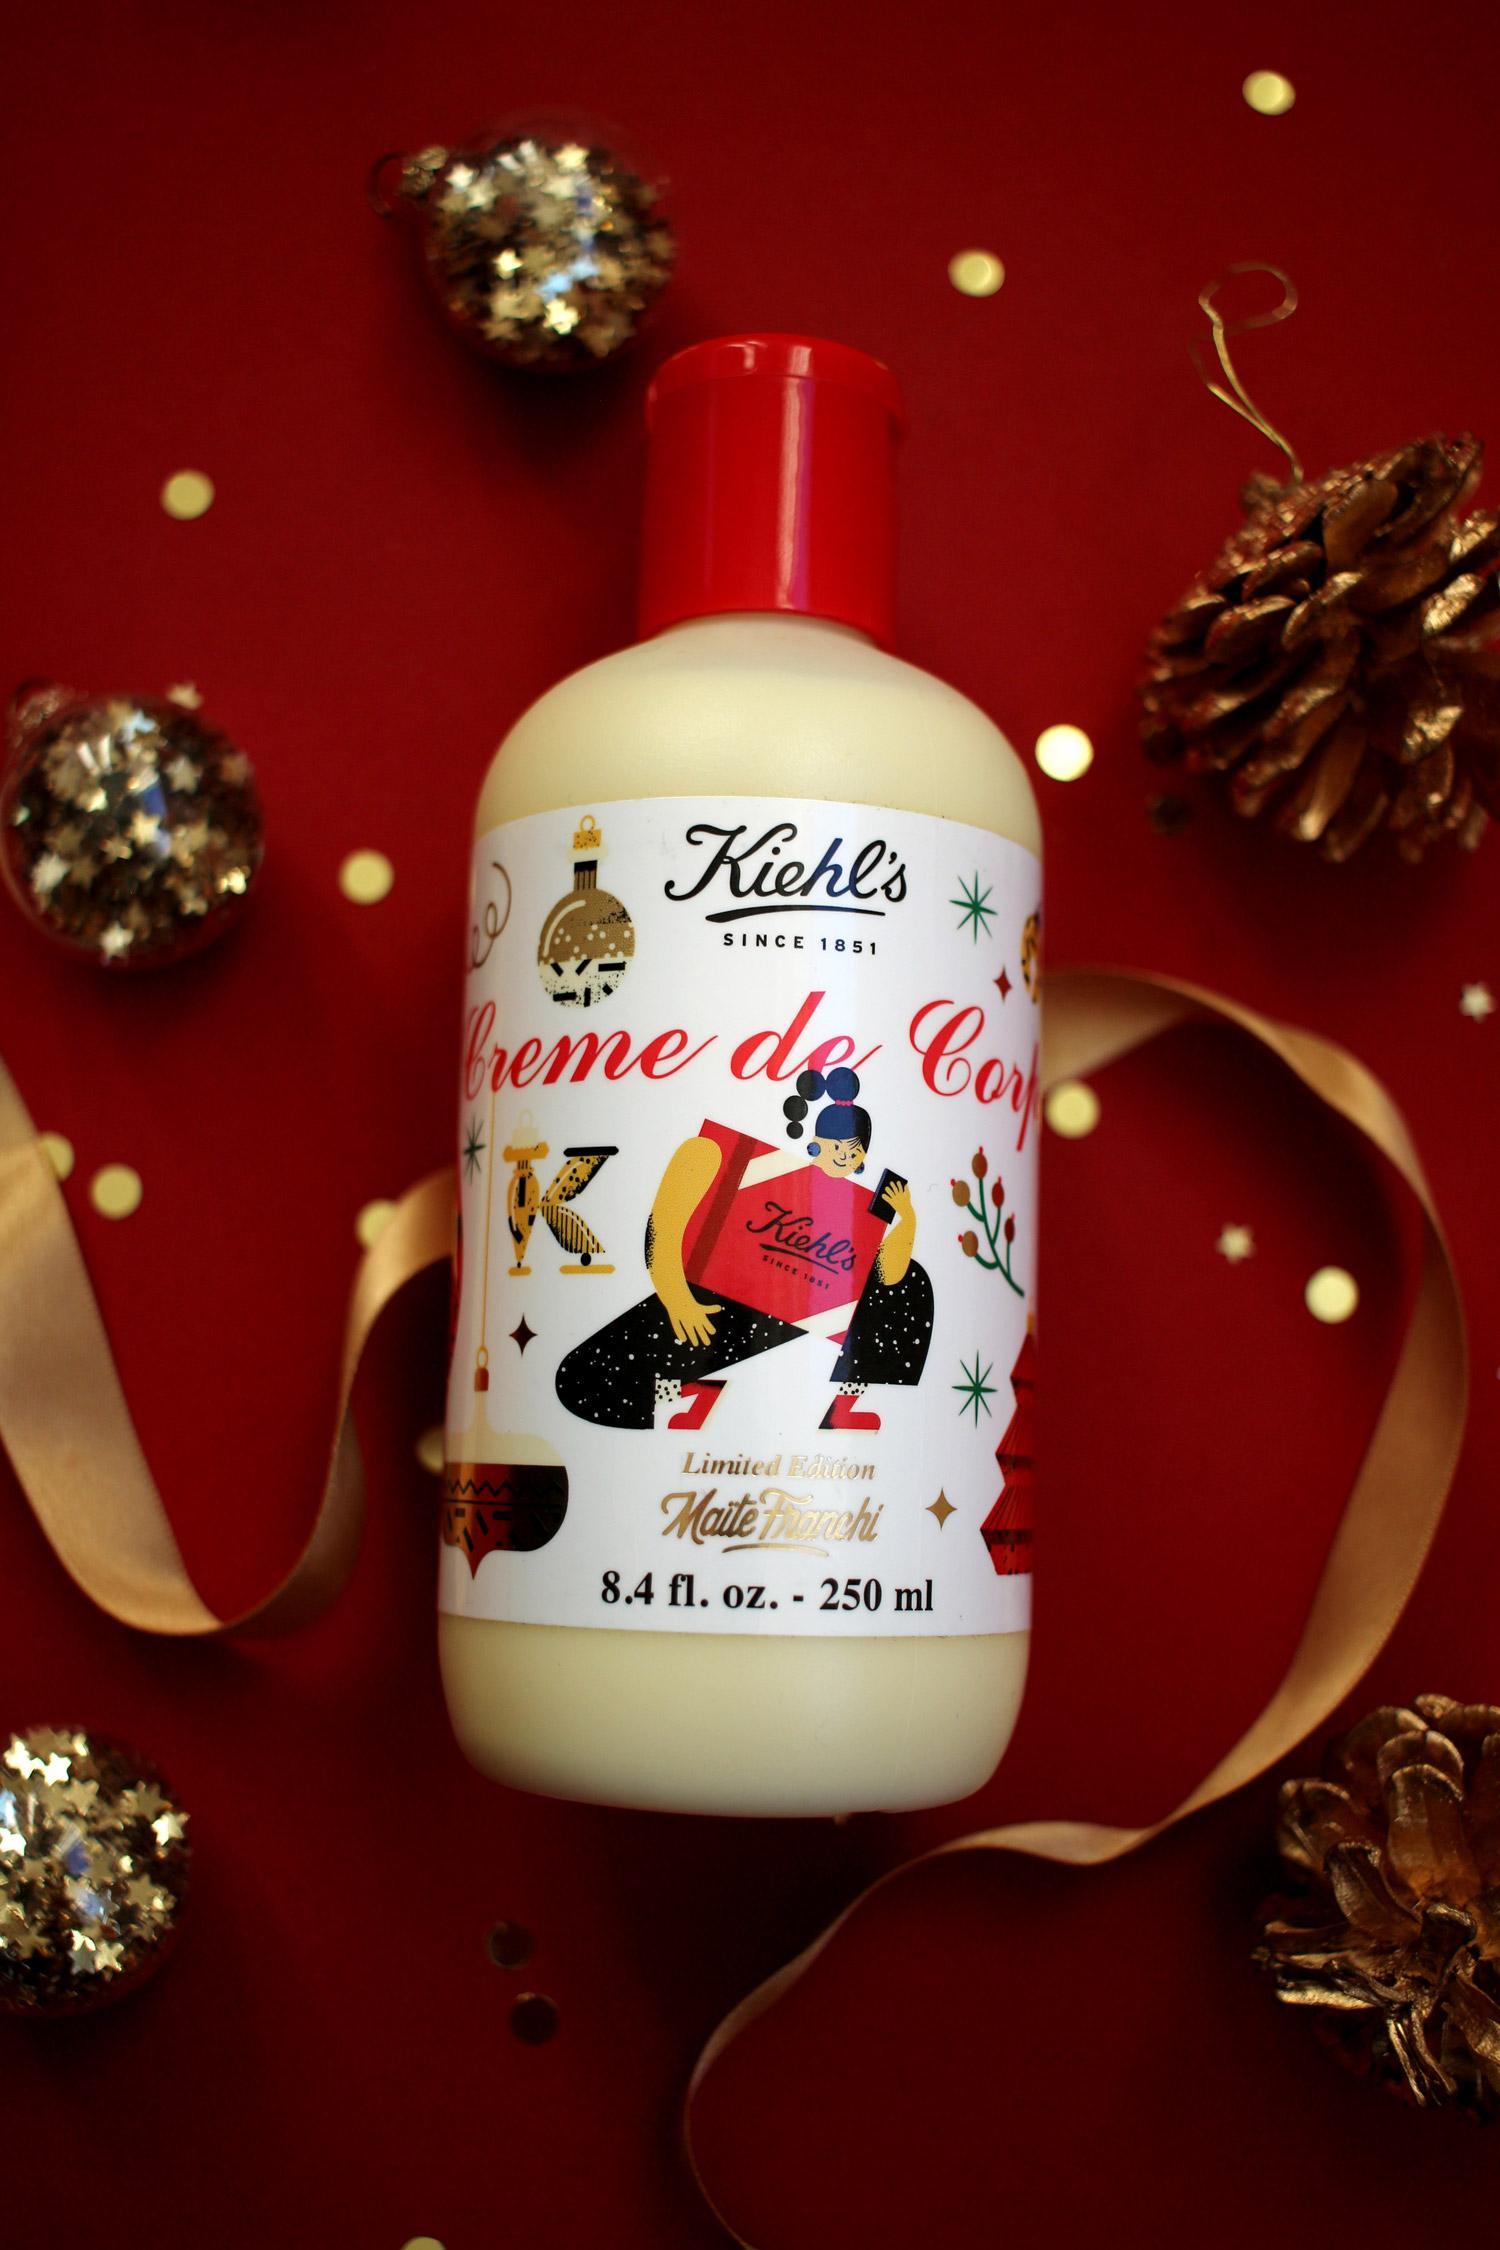 christmas-2020-haircare-bodycare-gift-guide-kiehls-creme-de-corps